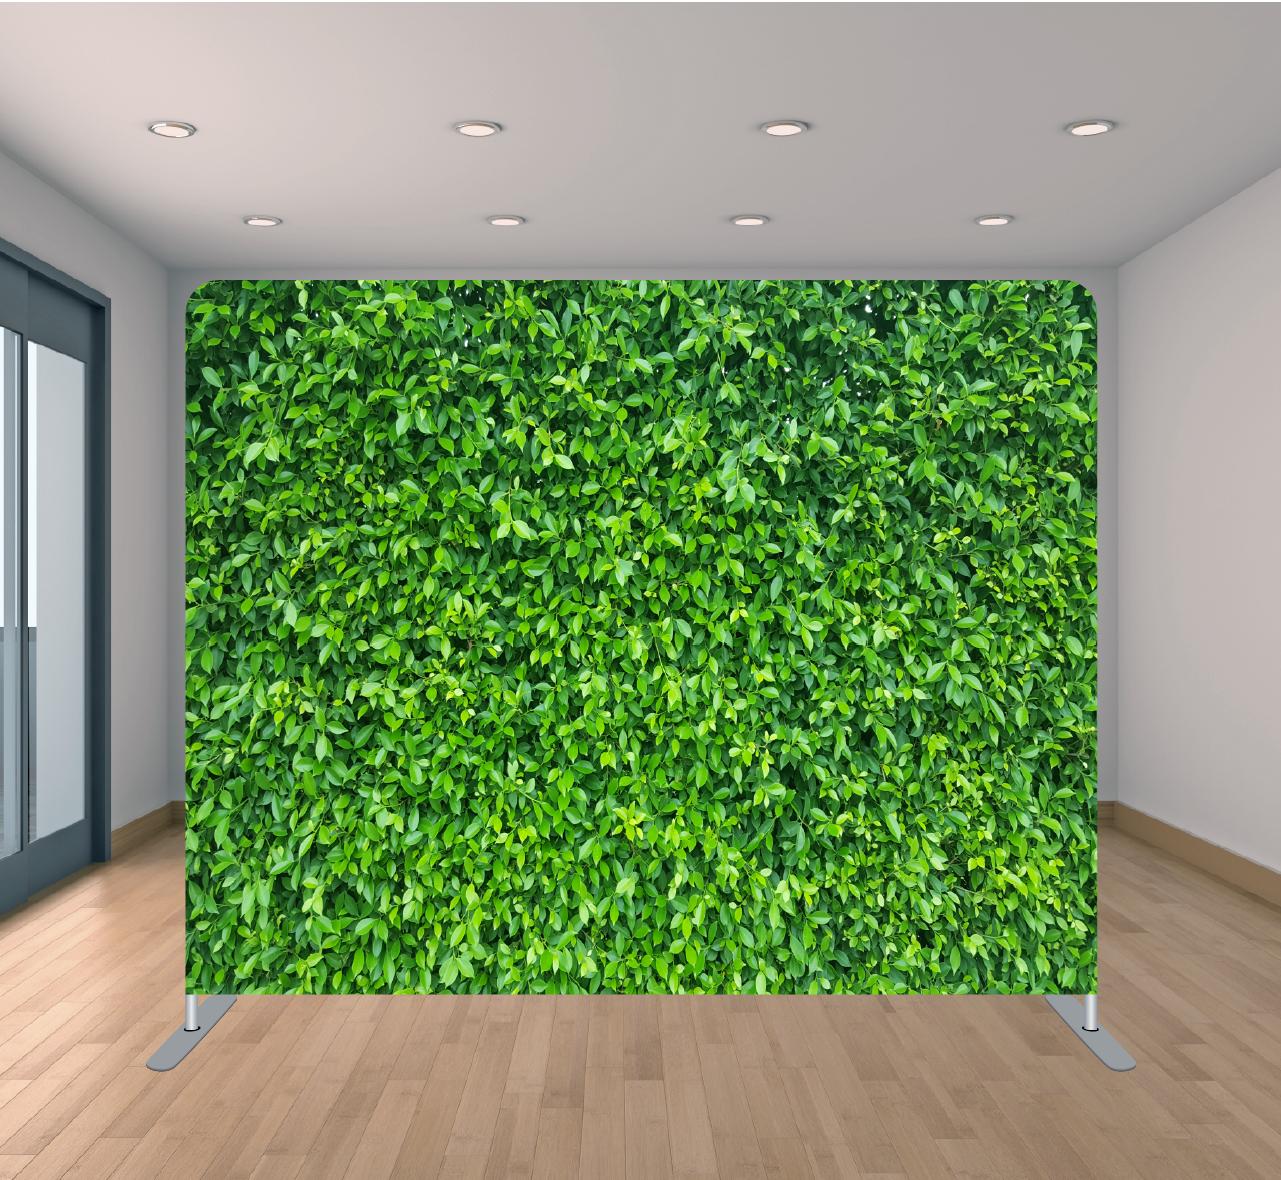 Grass_Wall-01